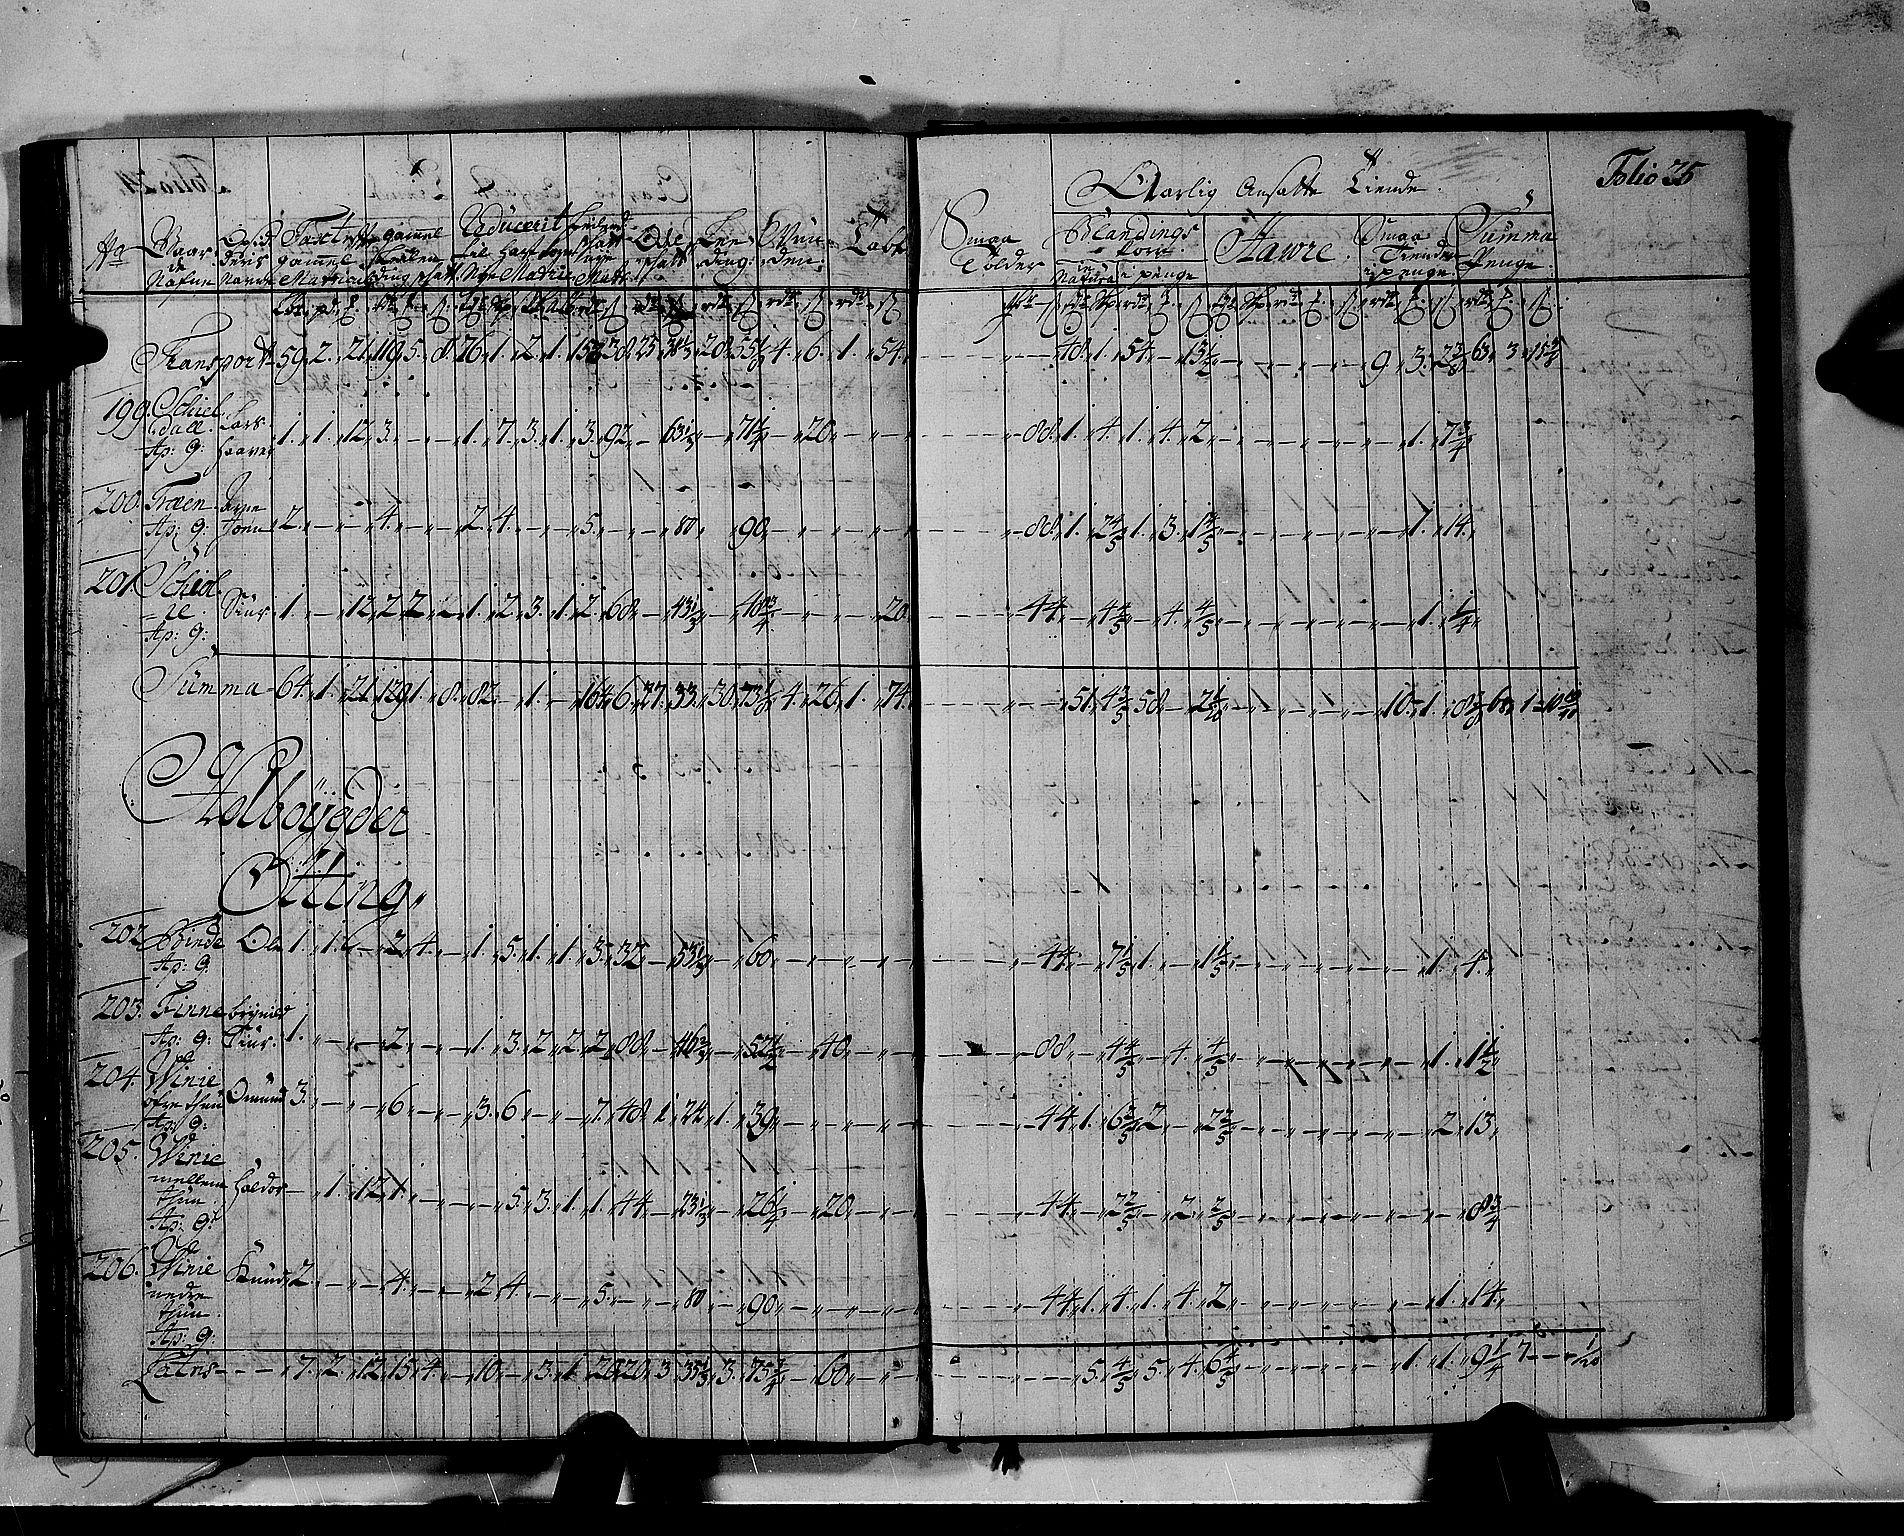 RA, Rentekammeret inntil 1814, Realistisk ordnet avdeling, N/Nb/Nbf/L0142: Voss matrikkelprotokoll, 1723, s. 24b-25a